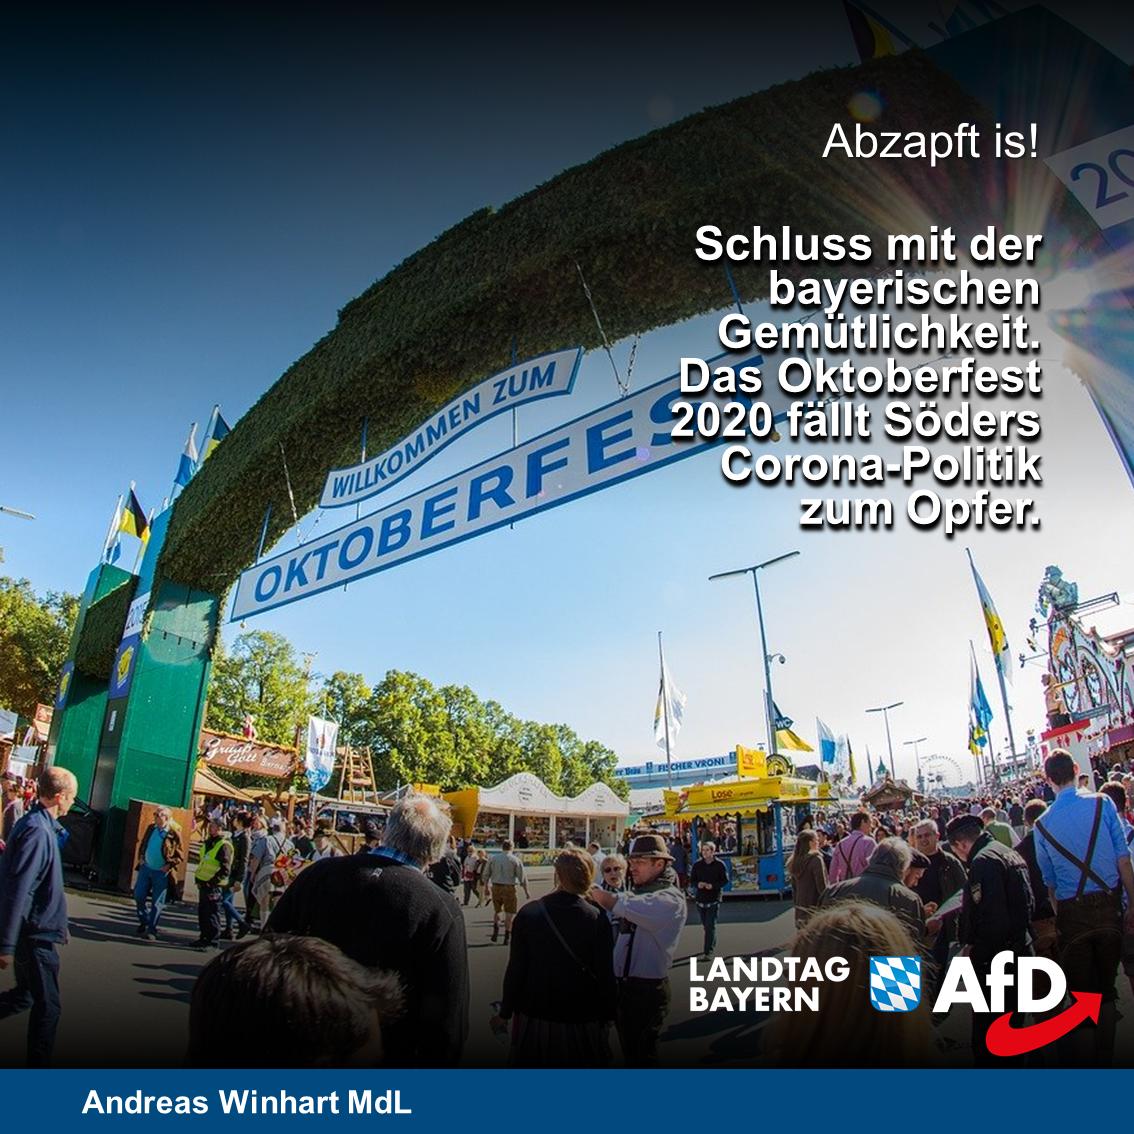 Nach Oktoberfestabsage, kleinere Feste ab September in Bayern ermöglichen! – Schausteller unterstützen